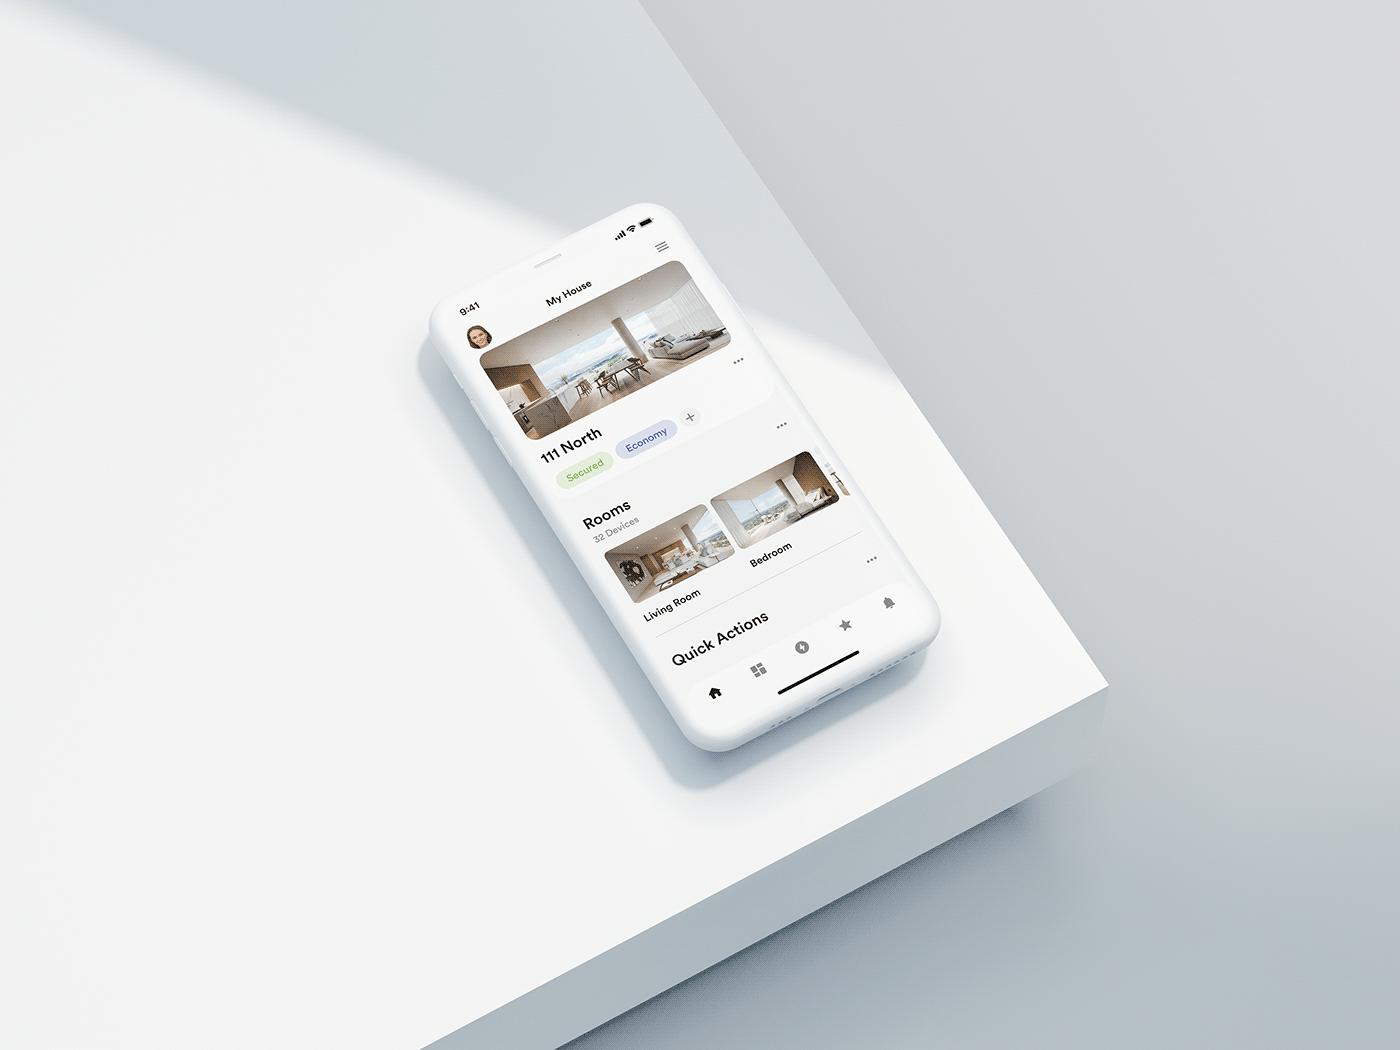 app design ios Mobile app